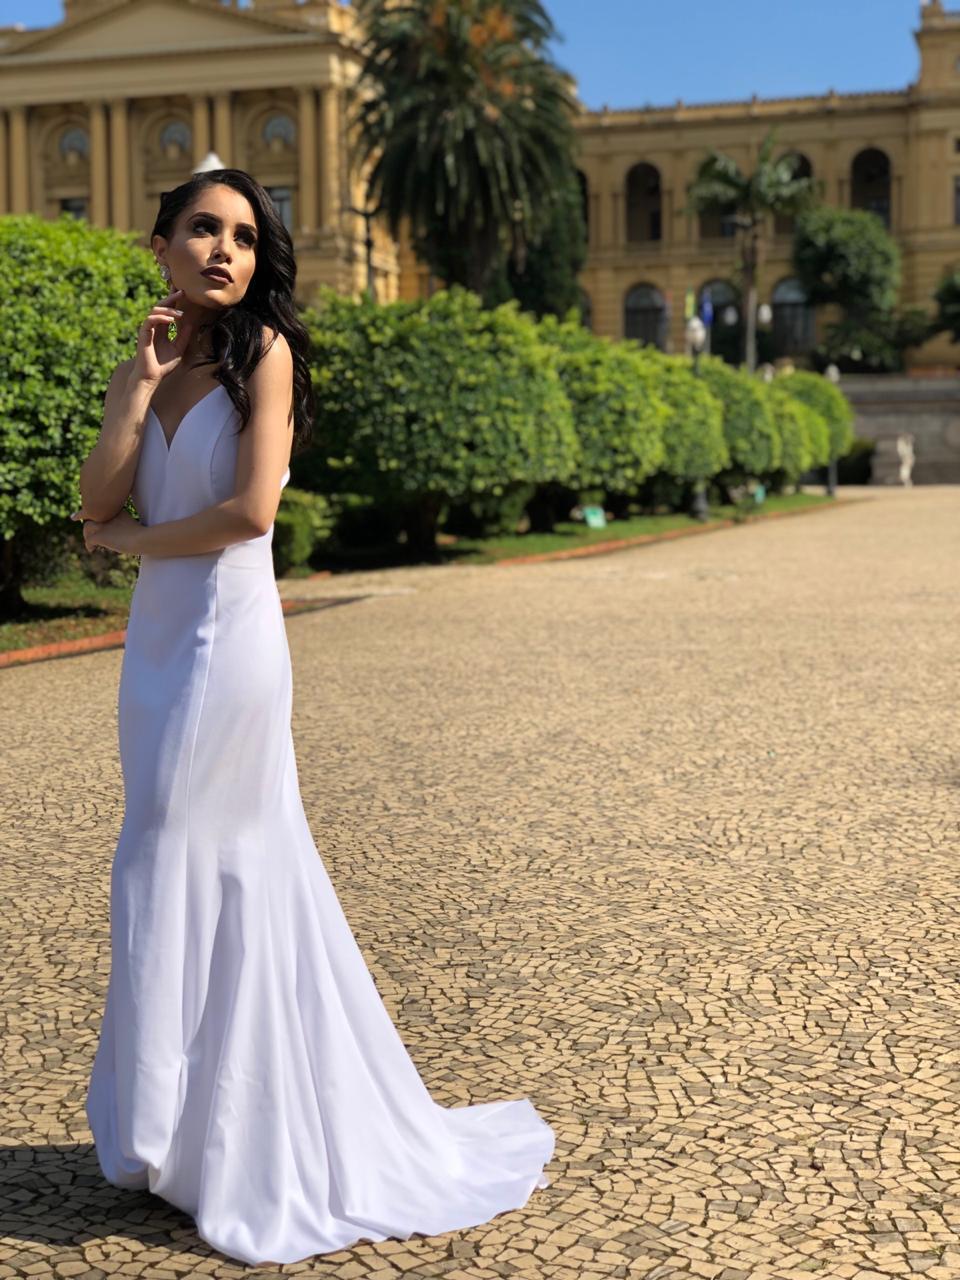 15 - Vestido de noiva branco clean de alcinha